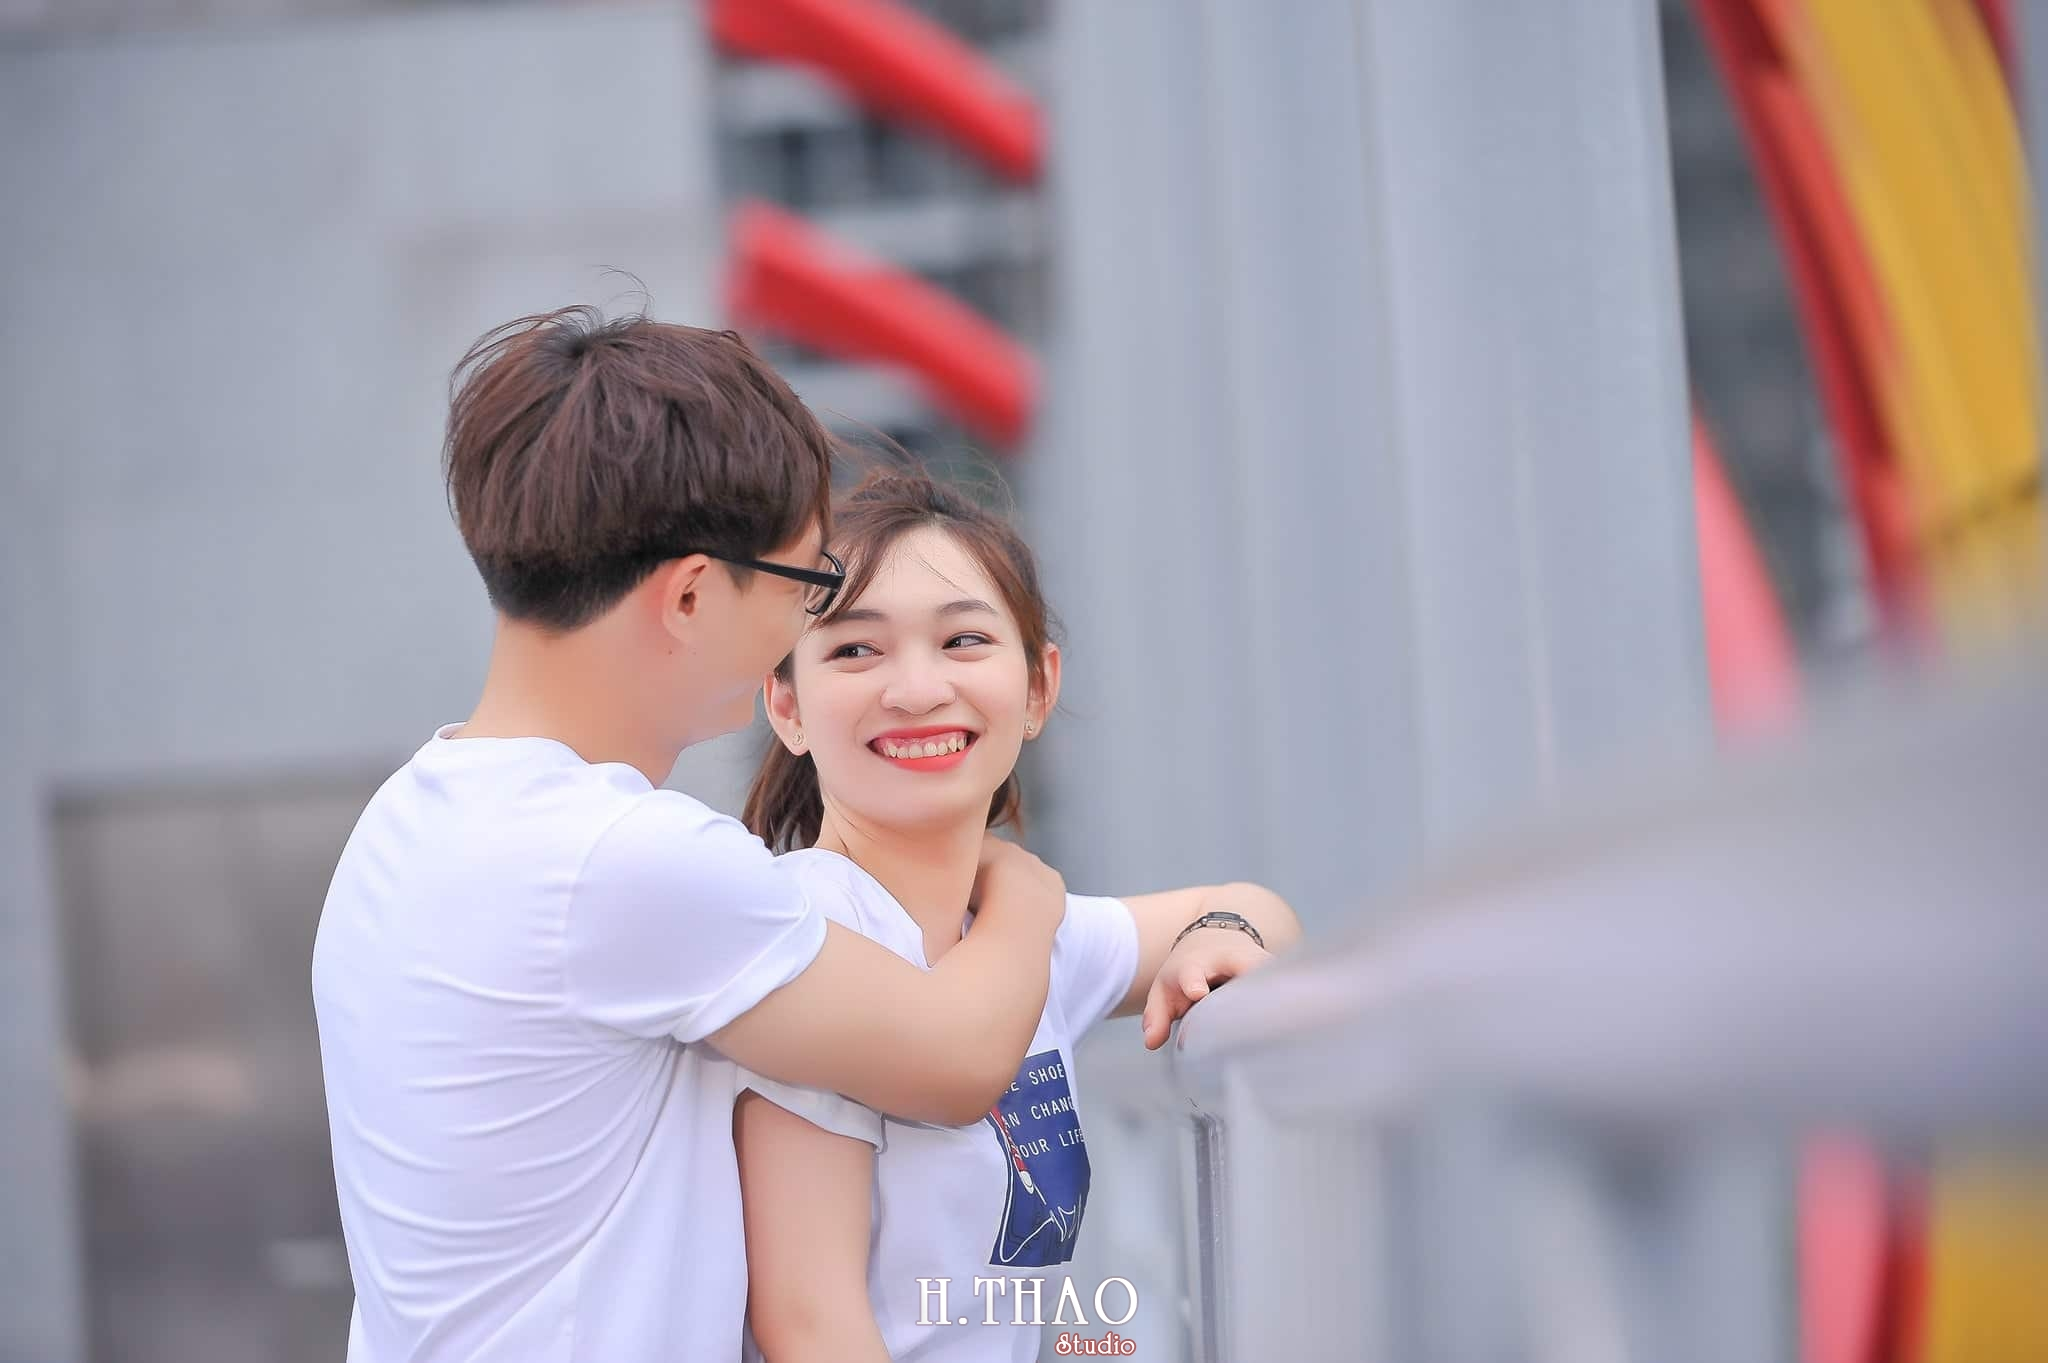 Anh couple sieu de thuong 9 - Chụp ảnh Couple dễ thương tại thành phố Hồ Chí Minh